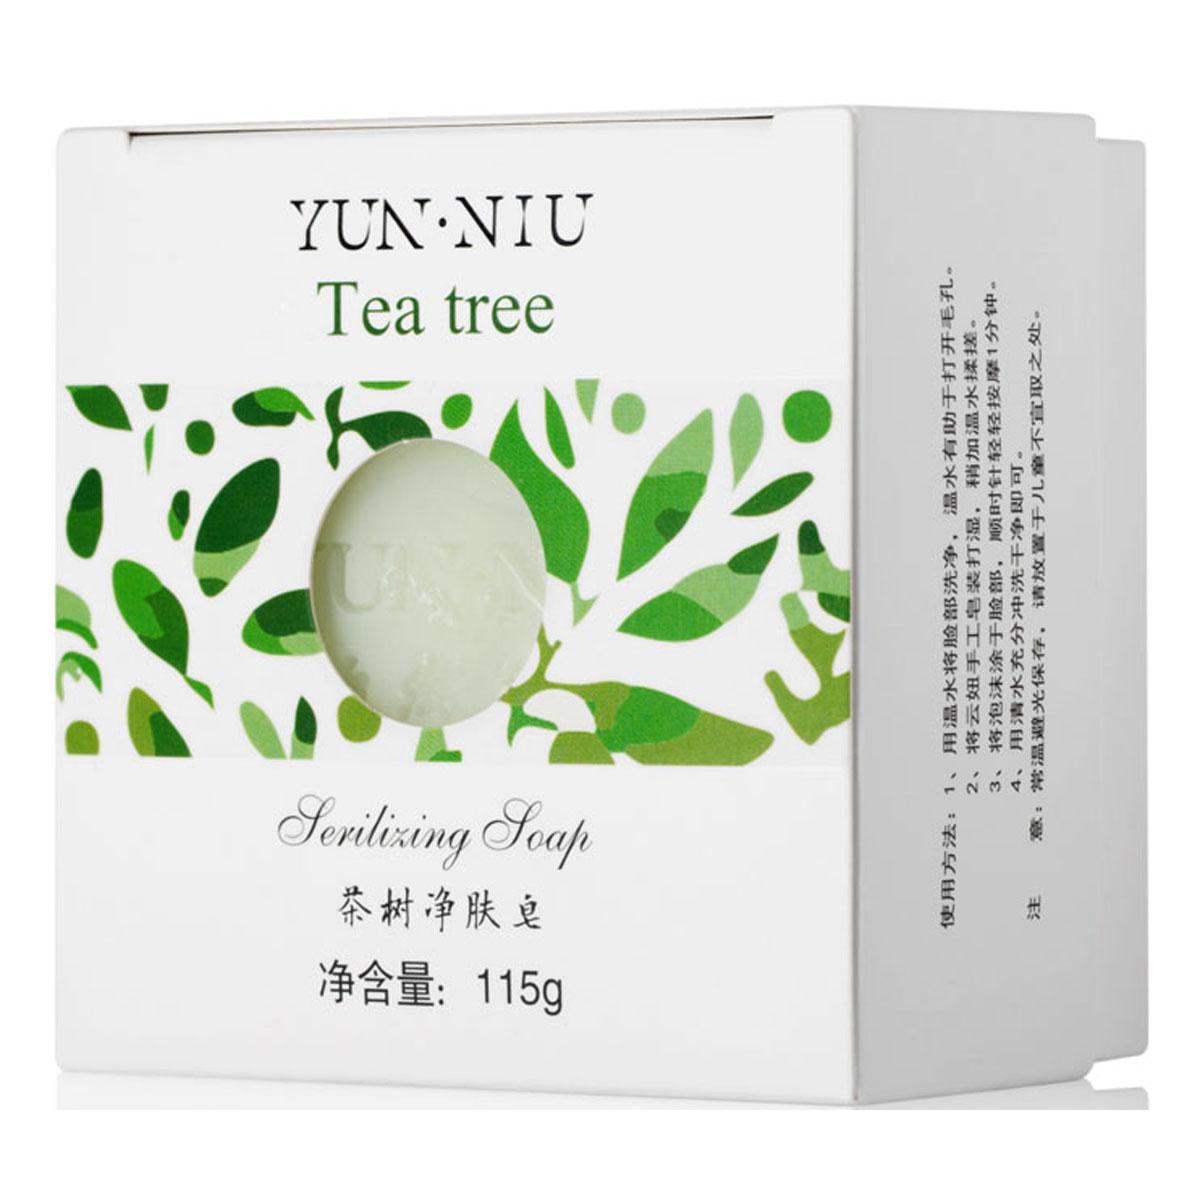 Yun-Niu Натуральное мыло с маслом чайного дерева, 115 гр220643Ежедневный уход за проблемной и воспаленной кожей. Благодаря бактерицидным и антисептическим свойства чайного дерева это мыло убивает болезнетворные бактерии и микробы без вреда для кожи. Мыло с экстрактом чайного дерева YUN-NIU (юн-ню, юнню) предназначено для ежедневного ухода за проблемной и воспаленной кожей. В состав мыла входит экстракт и масло чайного дерева, которое обладает следующими свойствами: бактерицидными, противогрибковыми, антисептическими, противовоспалительными, аромотерапическими.